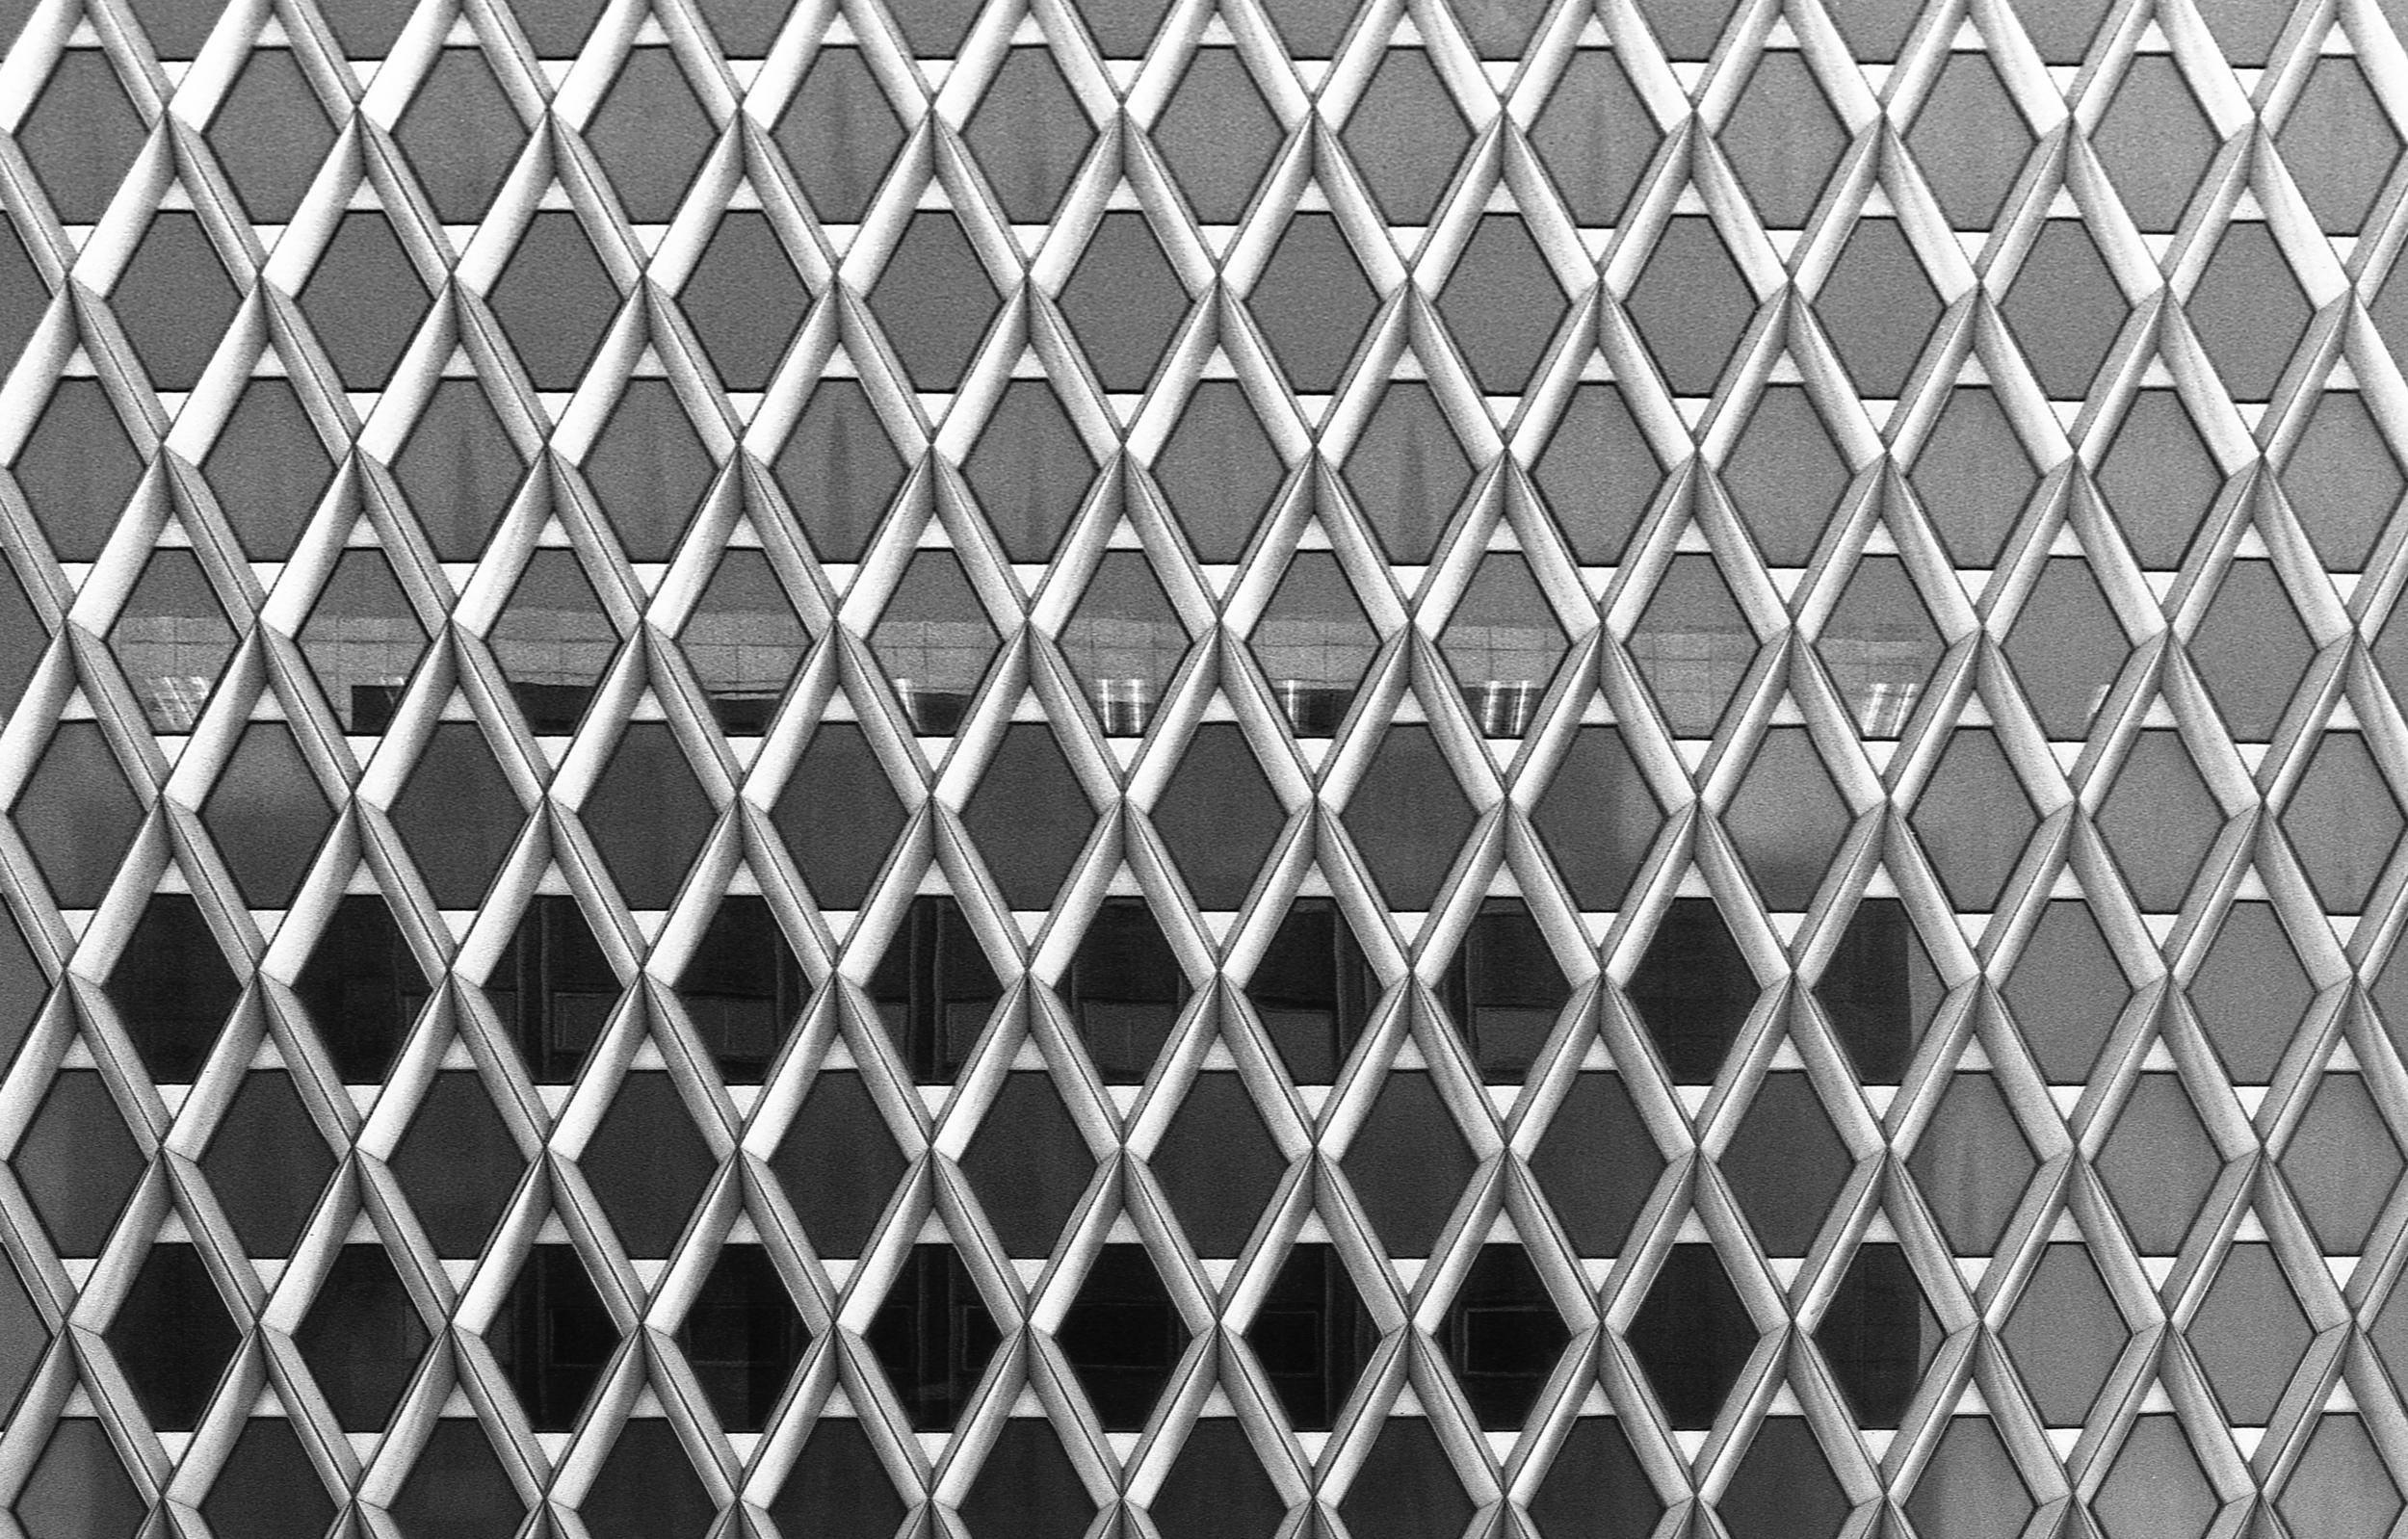 Grid -Pittsburgh (IBM Building) | Tri-X 400 @ 1600